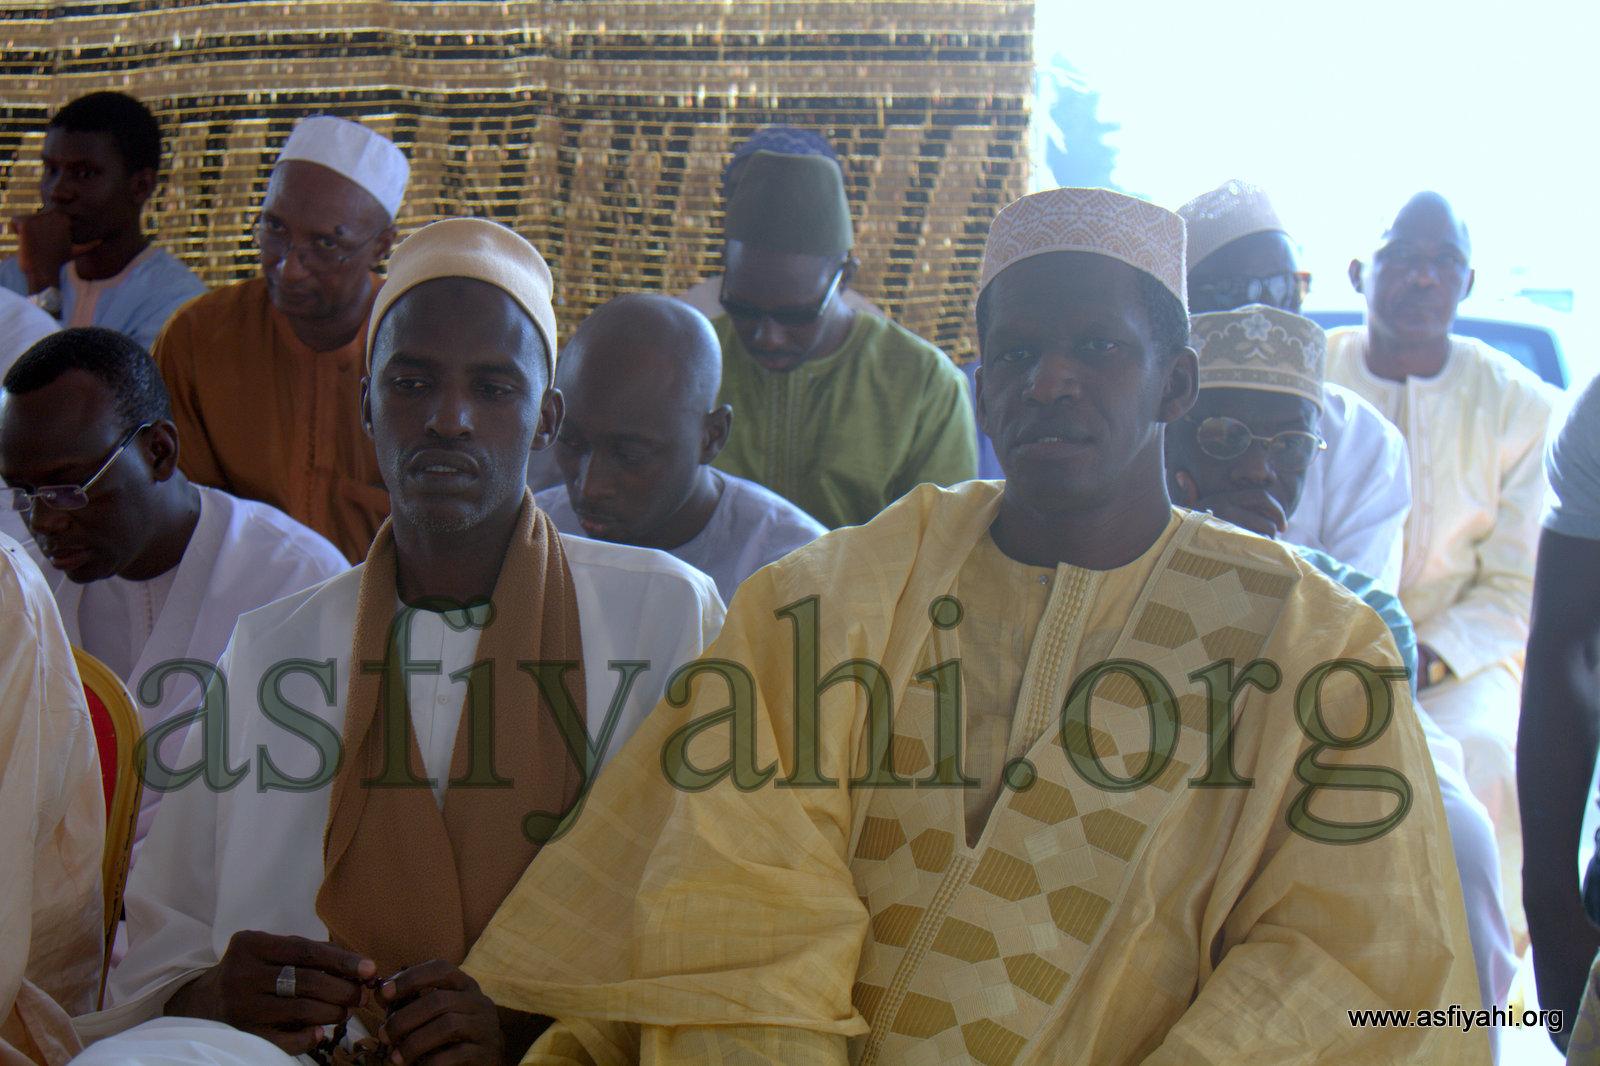 PHOTOS : Les images de la Conférence du Dahira MOUHSININA WAL MOUHSINATY, Samedi 27 Juin 2015 à la Geule-Tapée chez El hadj Abdoul Aziz Sy Dabakh